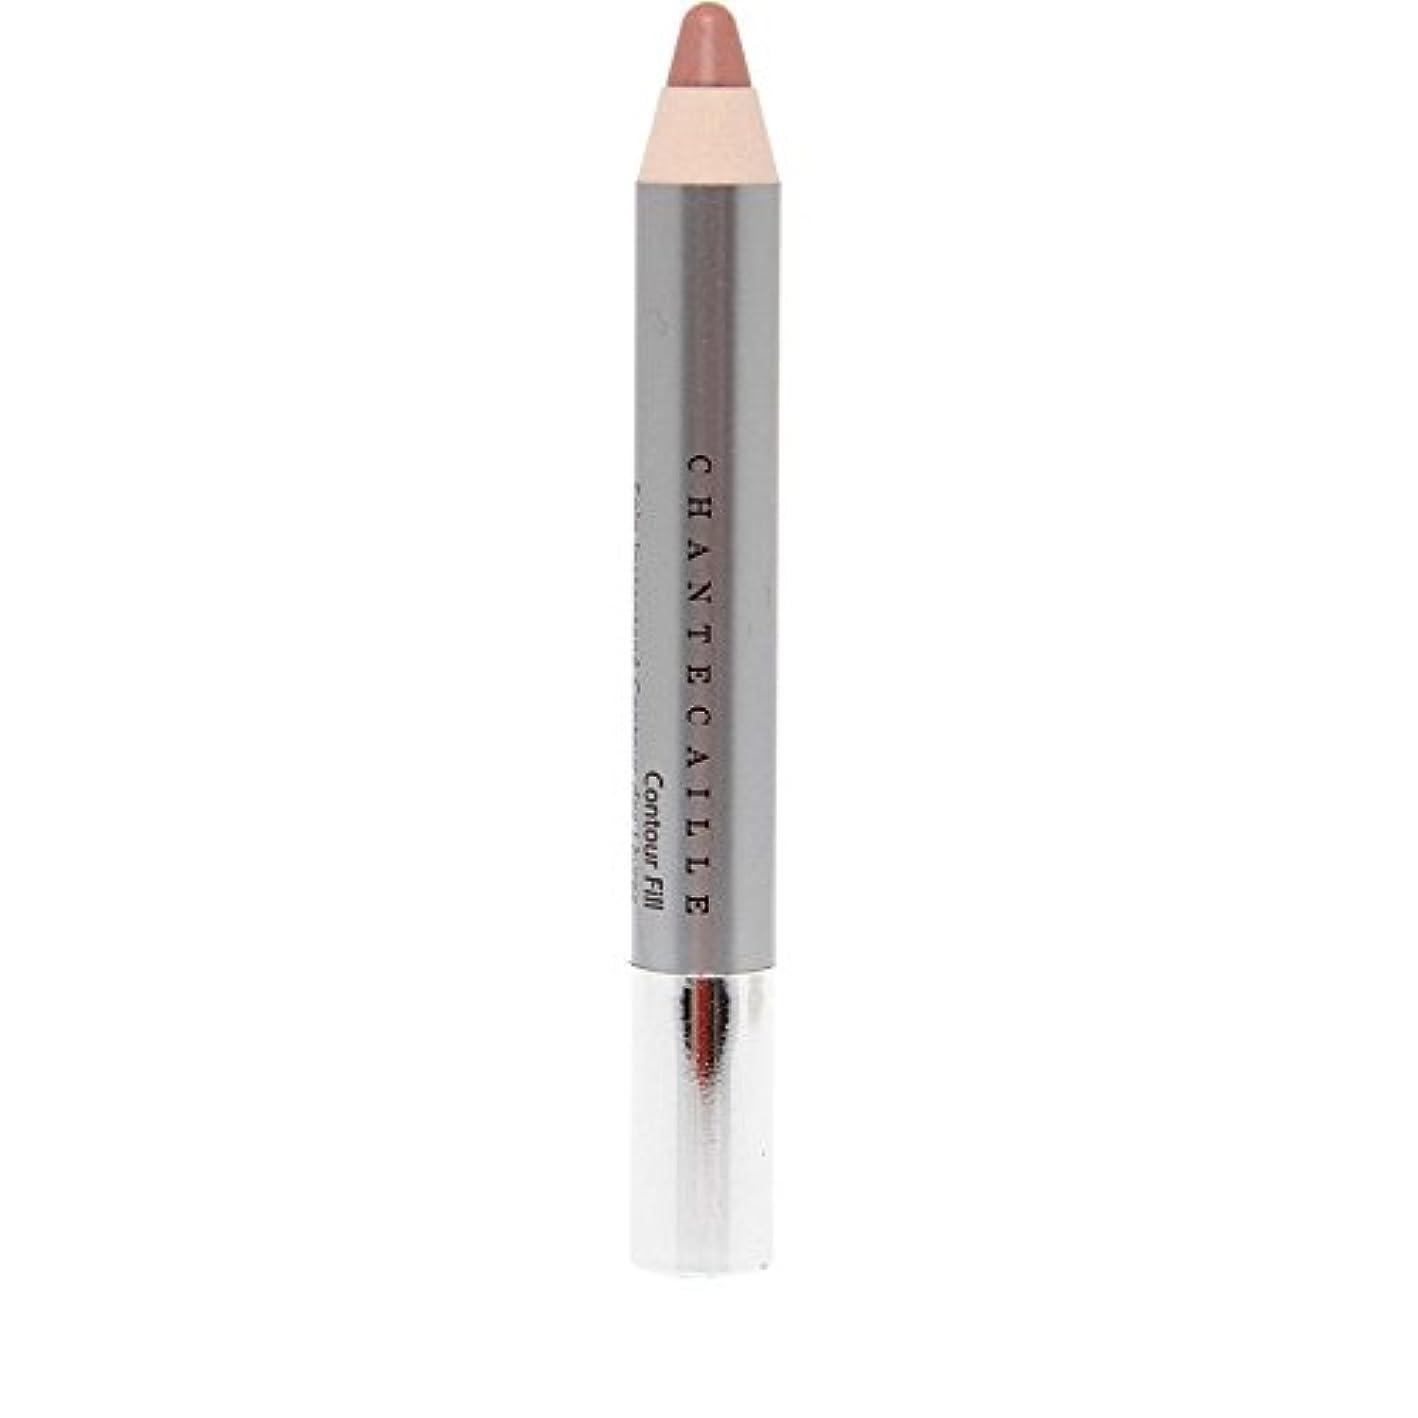 名前を作るパイントアクセルChantecaille Lip Contour Fill Pencil (Pack of 6) - シャンテカイユリップ輪郭フィル鉛筆 x6 [並行輸入品]